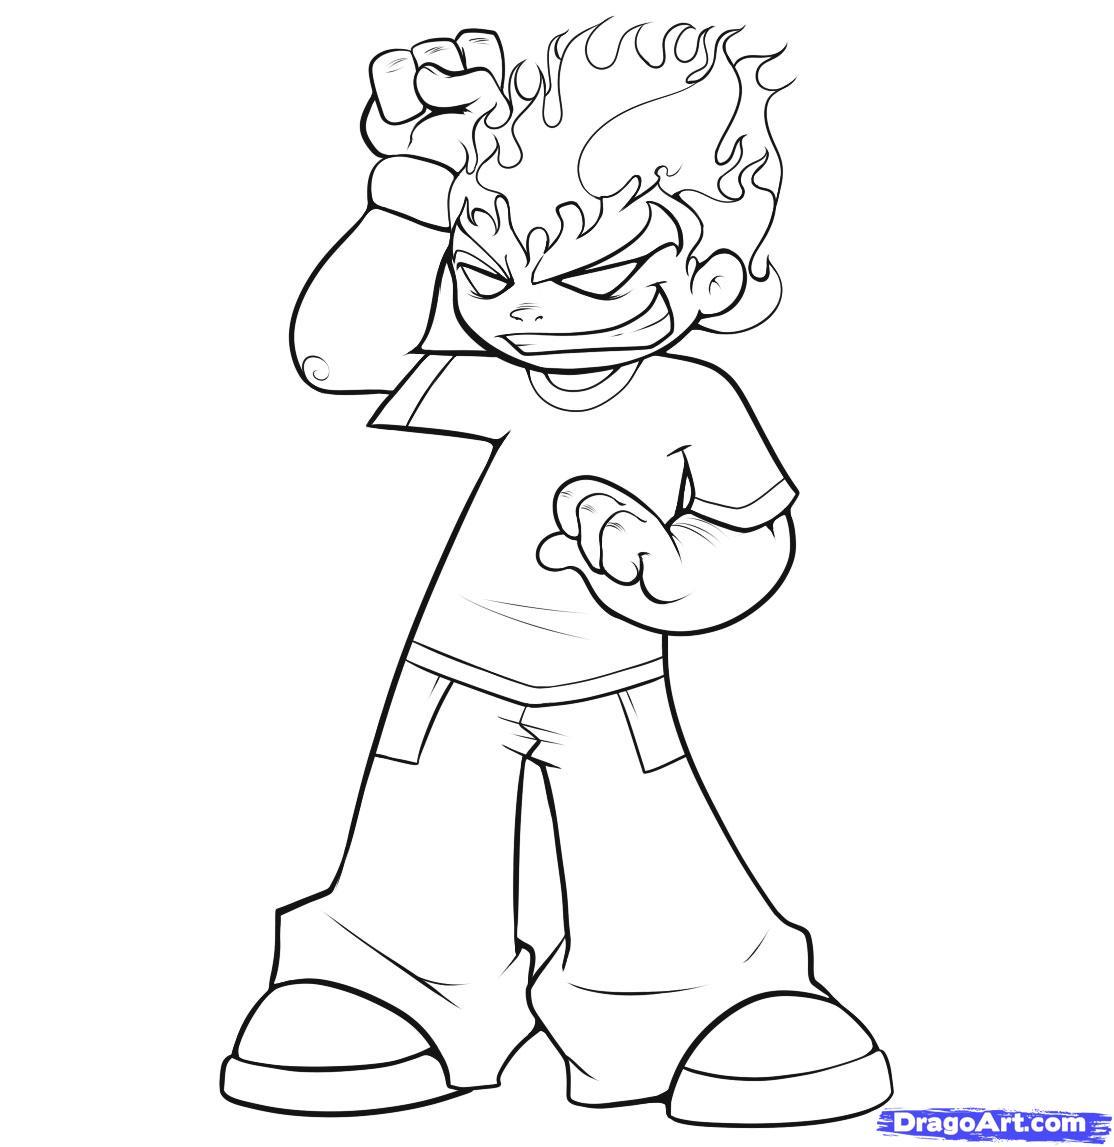 1114x1147 Cartoon People Drawings